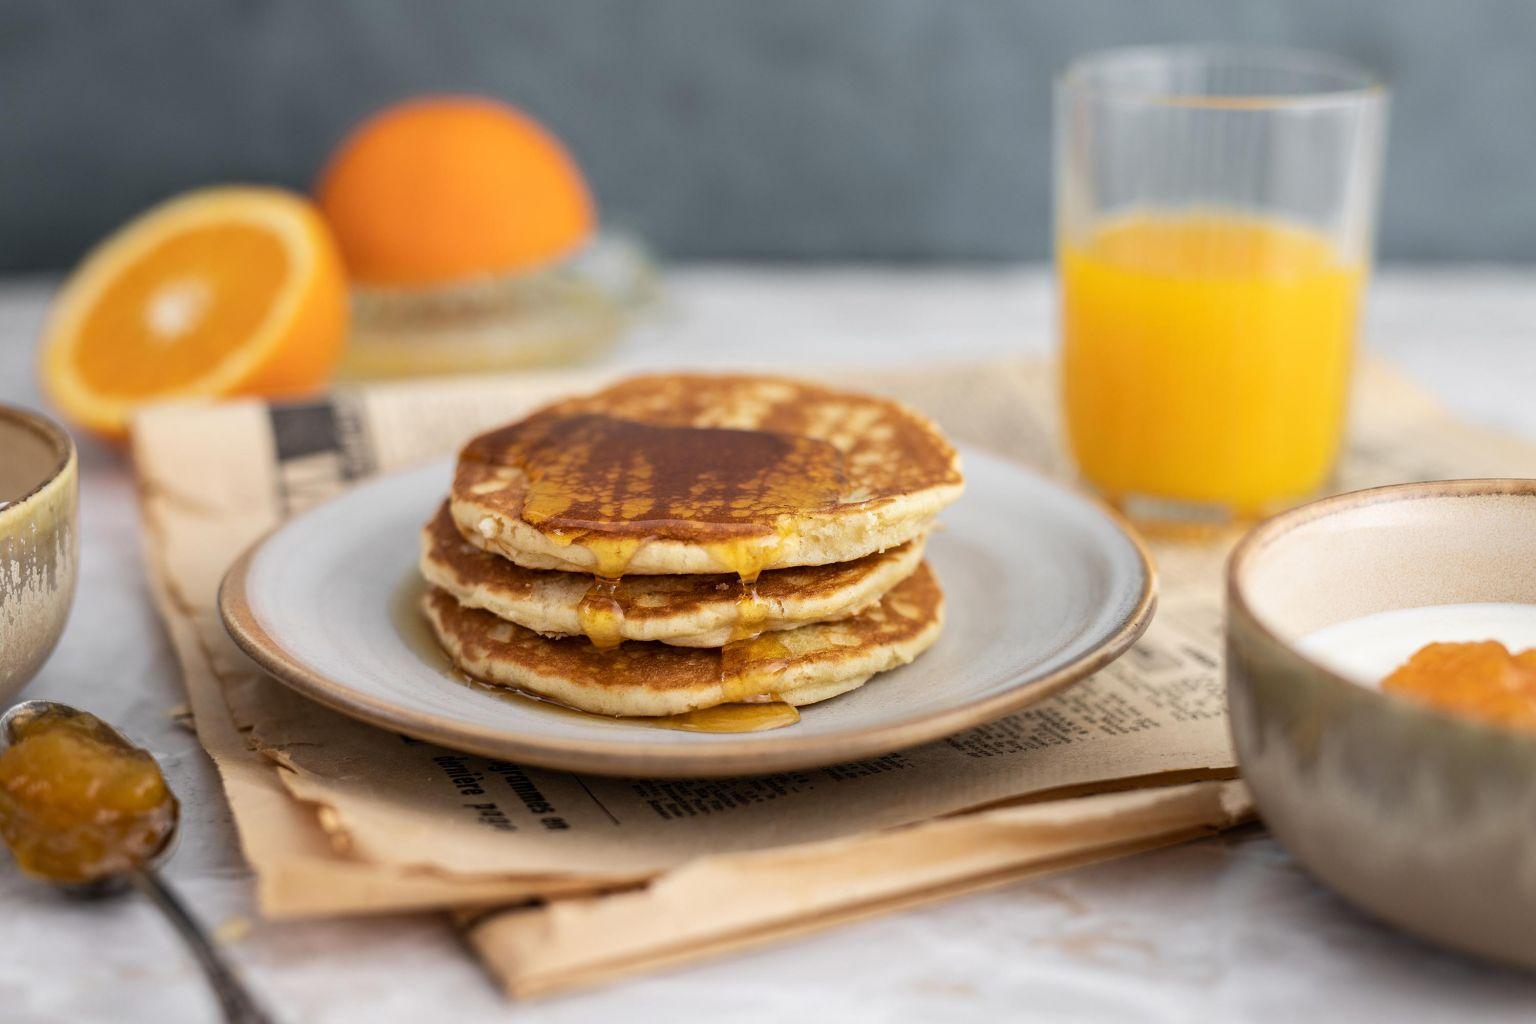 BRUNCH - Pancakes au sirop d'érable, yaourt à la confiture de mangue/abricot et jus d'oranges pressées